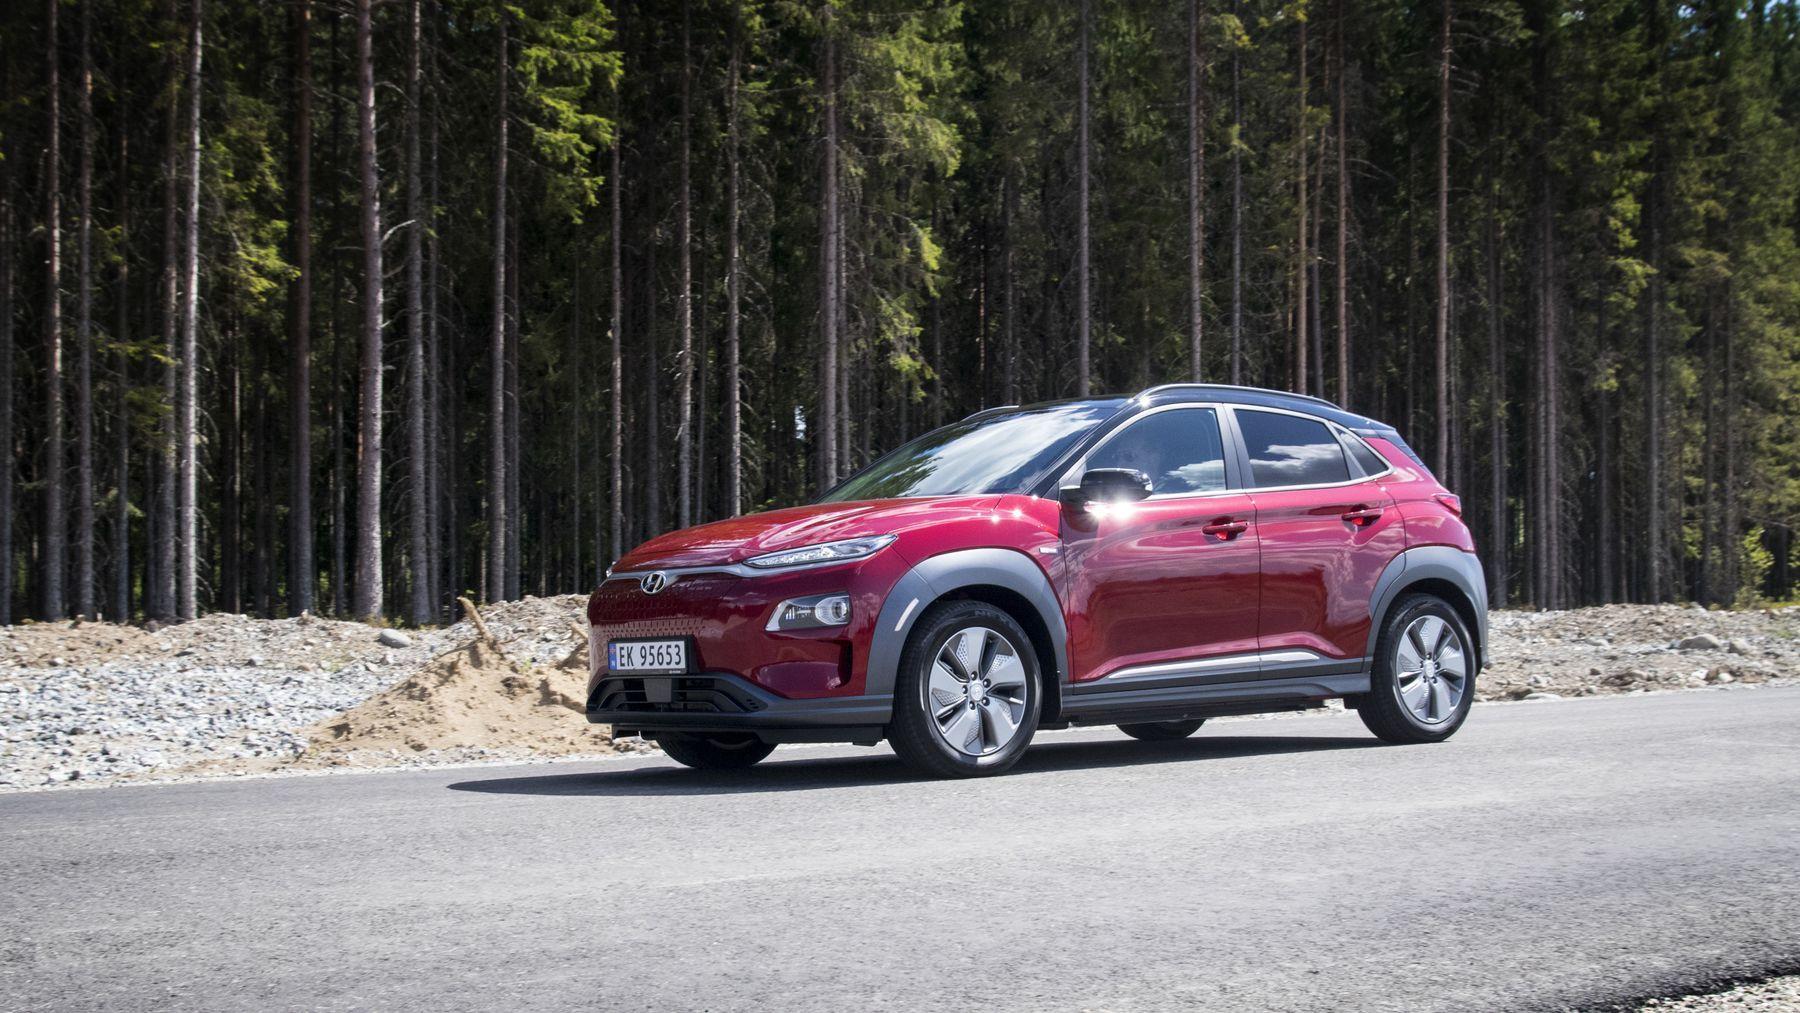 Hyundai vil kalle tilbake Kona Electric også i europeisk spesifikasjon. Batteripakken kan kortslutte, melder de.